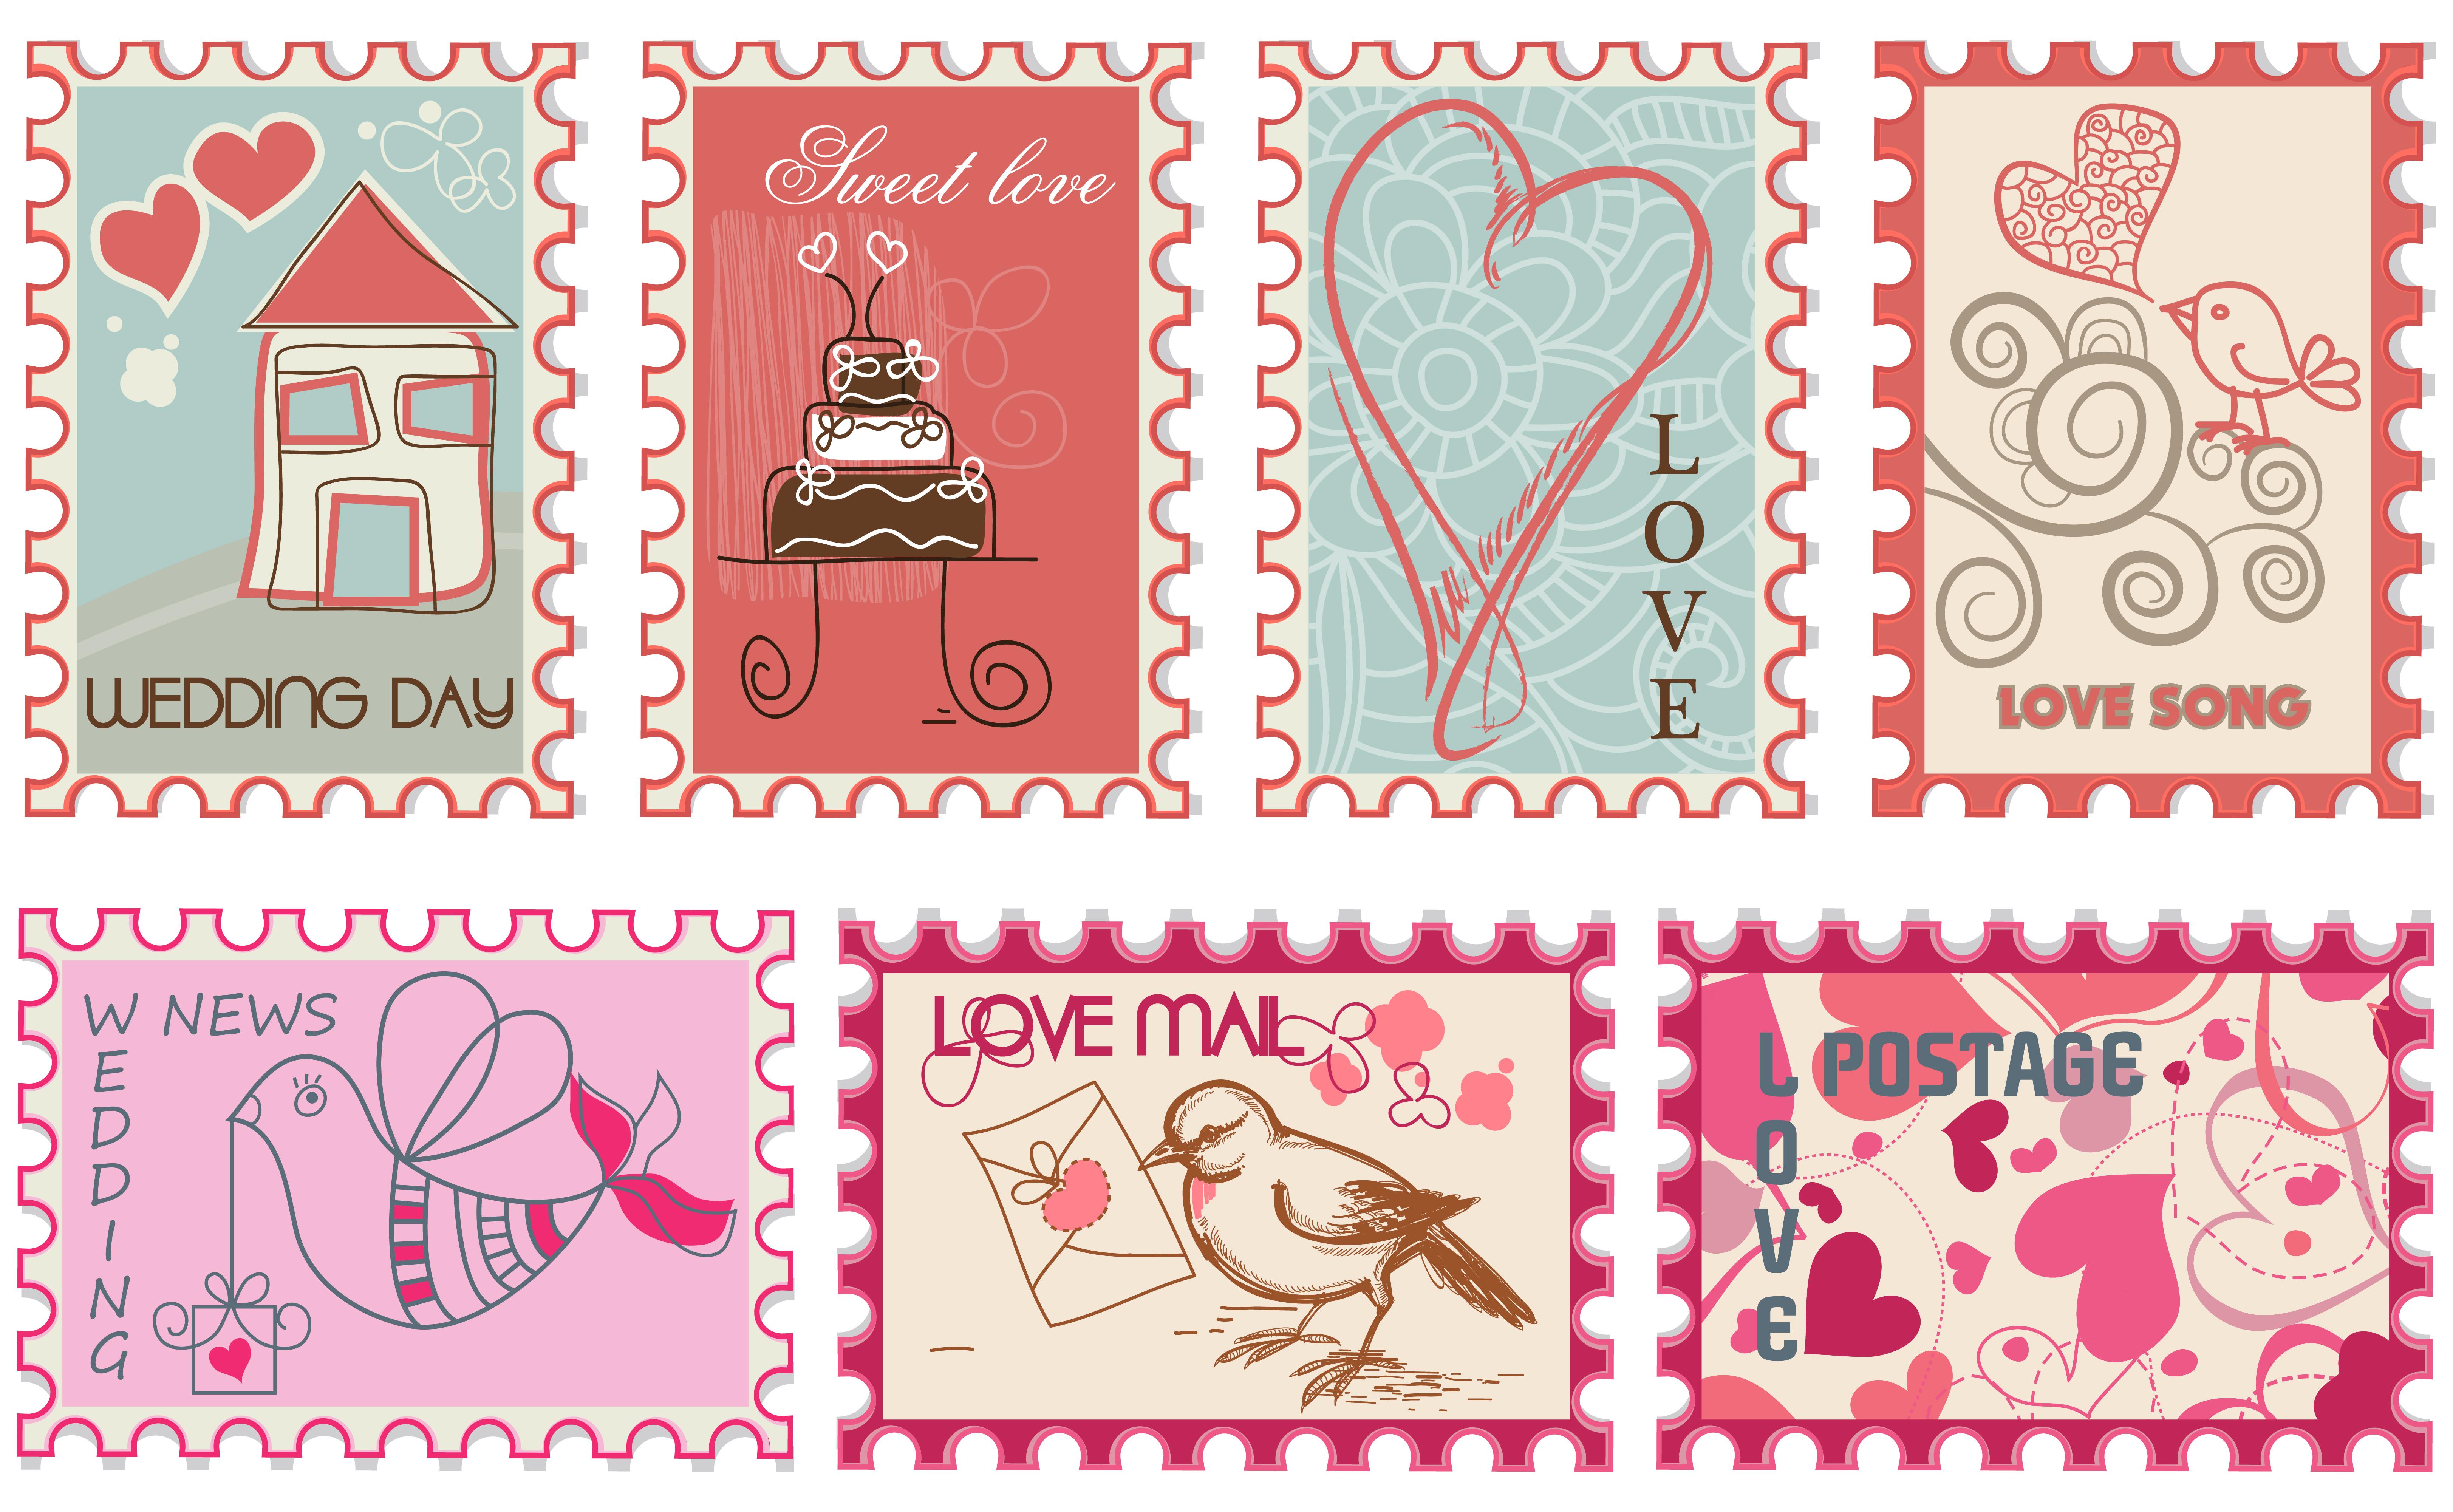 結婚式の招待状は切手にもこだわる!慶事用に使える可愛い切手まとめ